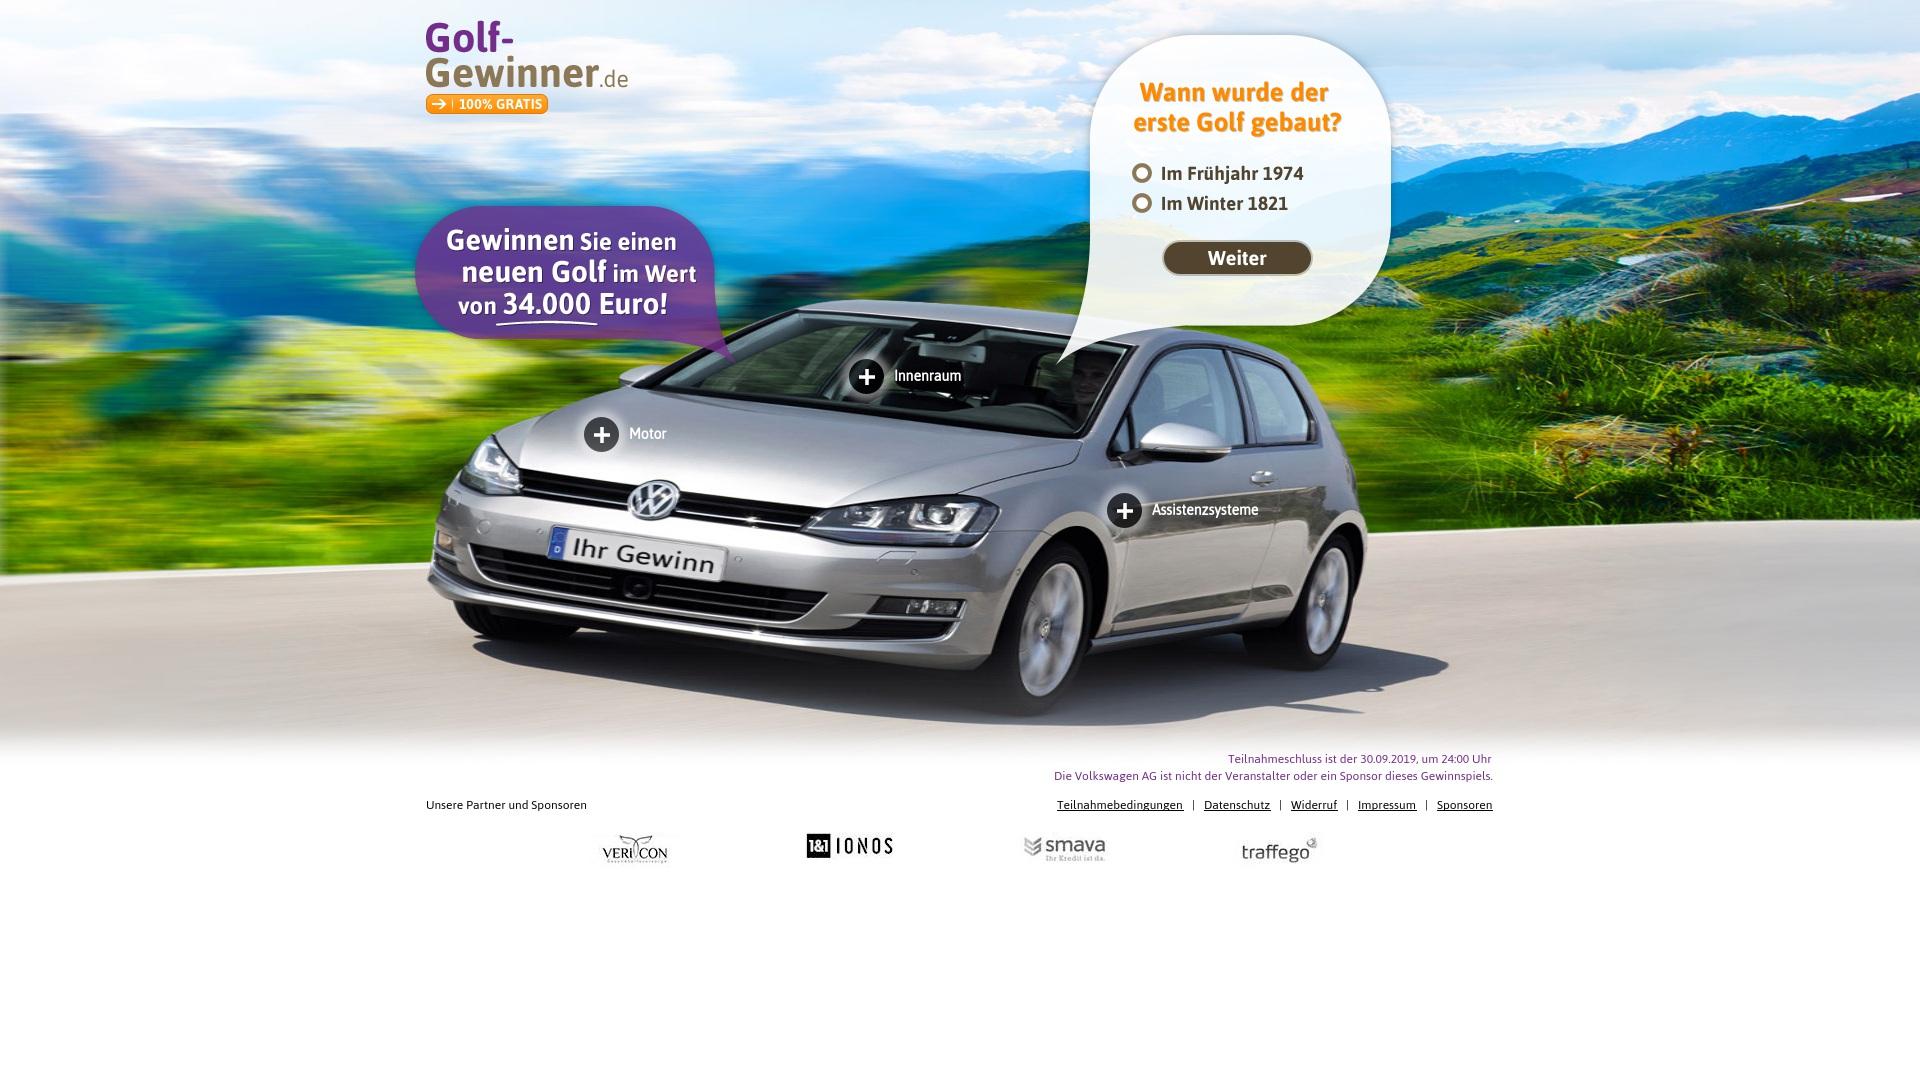 Gutschein für Golf-gewinner: Rabatte für  Golf-gewinner sichern